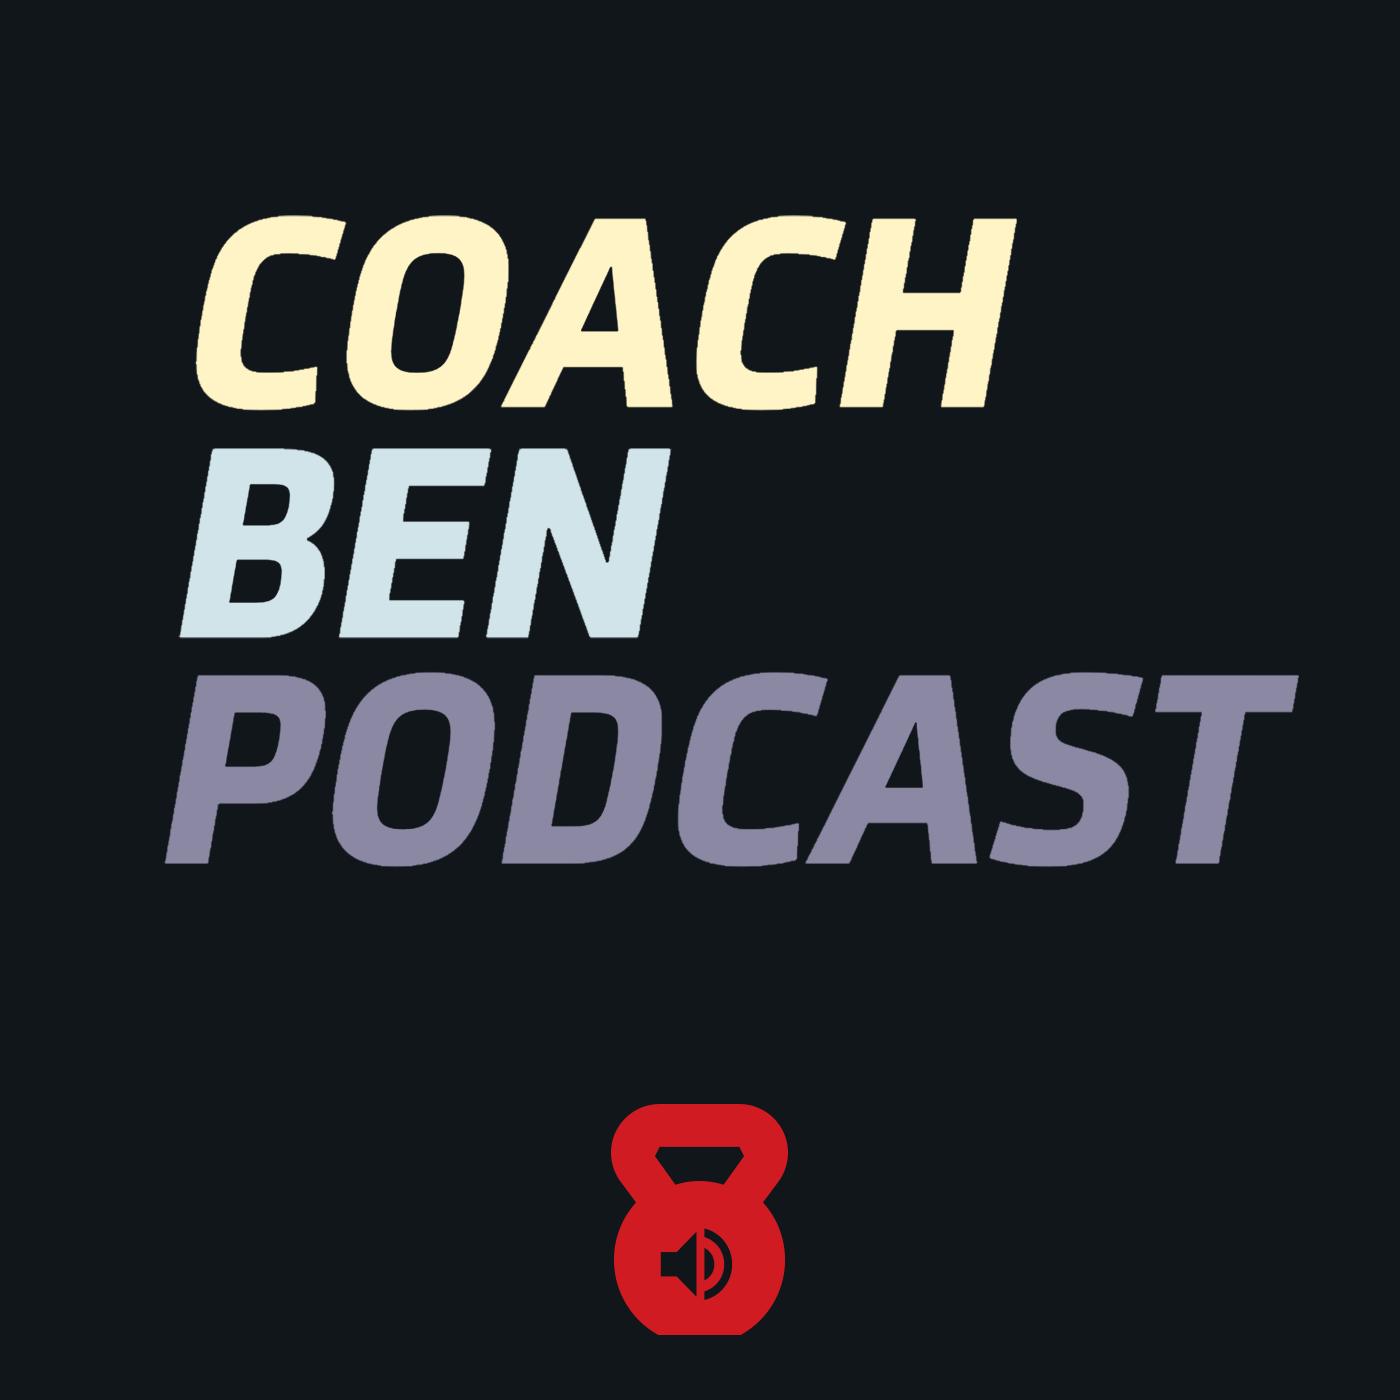 Coach Ben Podcast show art